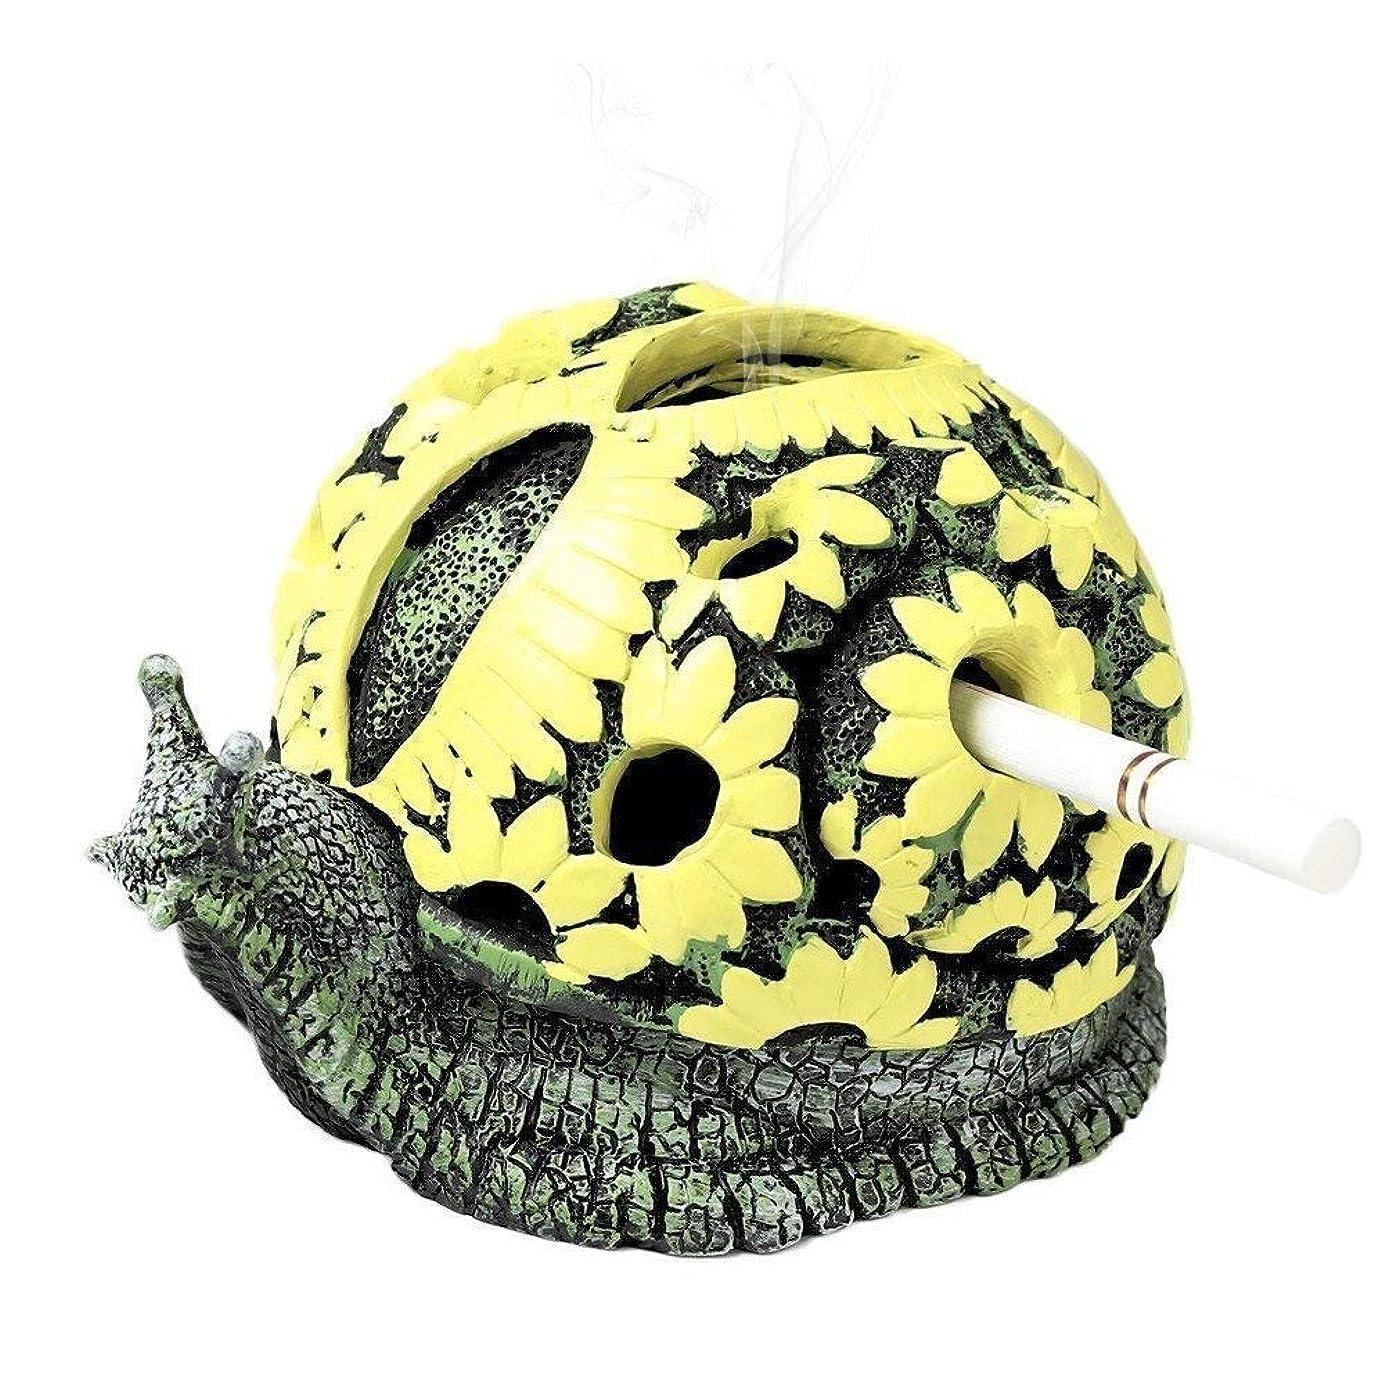 昇るマオリ後方にモンスター灰皿クリエイティブカタツムリ灰皿工芸品の装飾クリエイティブタートル灰皿 (色 : Escargot)